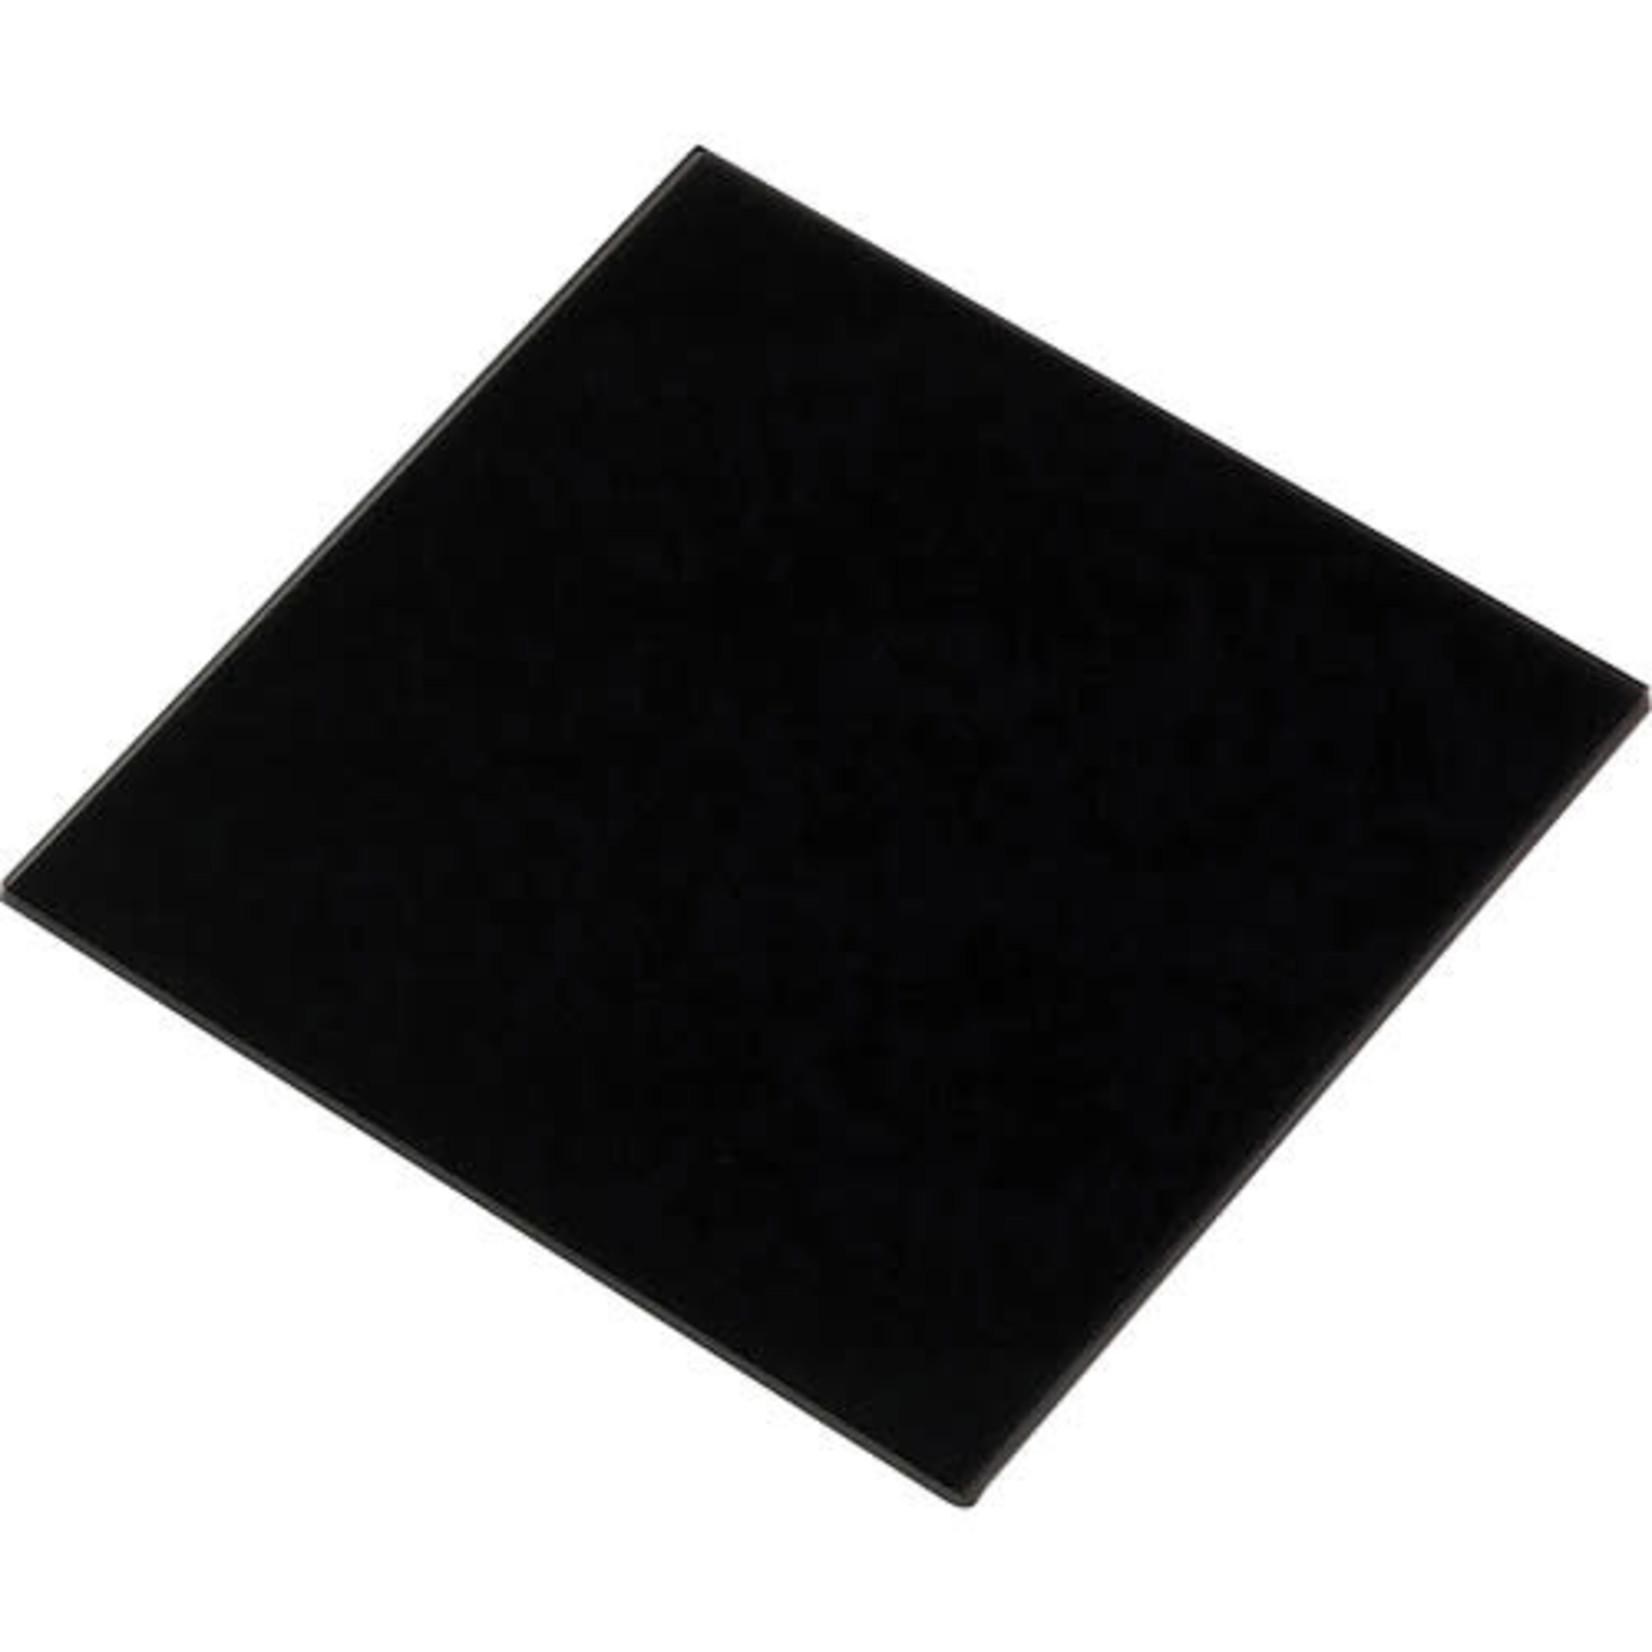 Lee LEE Filters 100 x 100mm Big Stopper 3.0 Neutral Density Filter